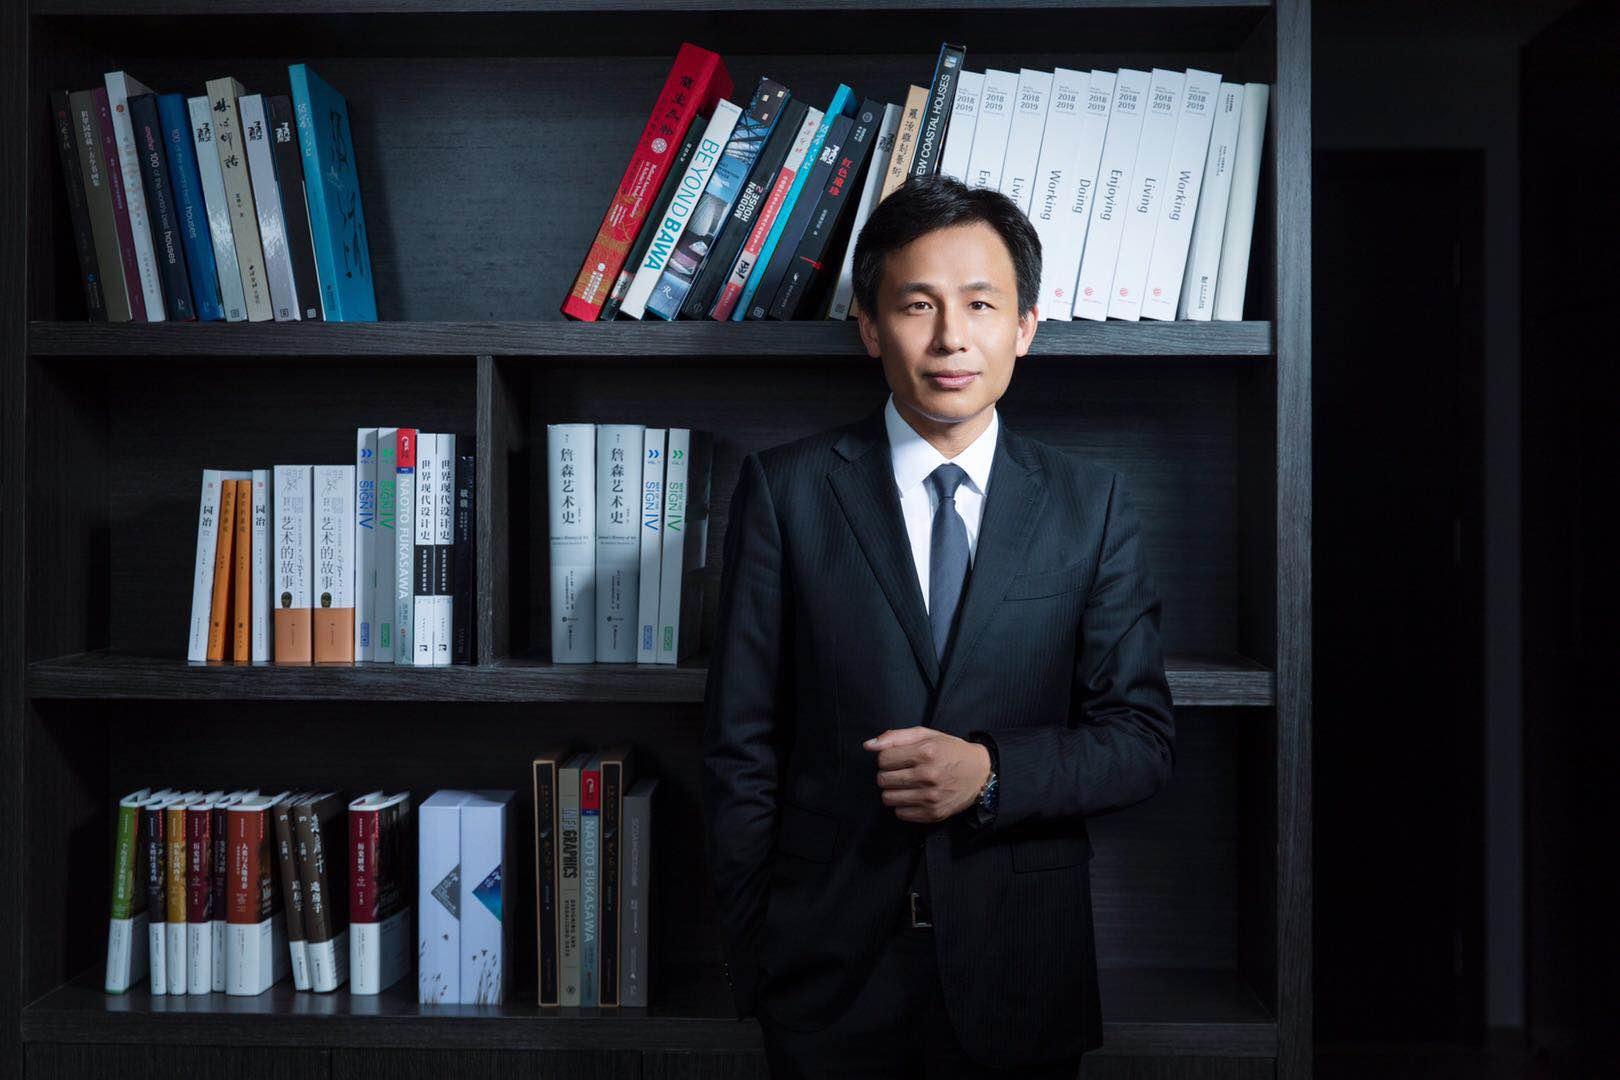 北京中大网视科技公司中国智慧教室出海 网龙CEO熊立谈互联网成功之道